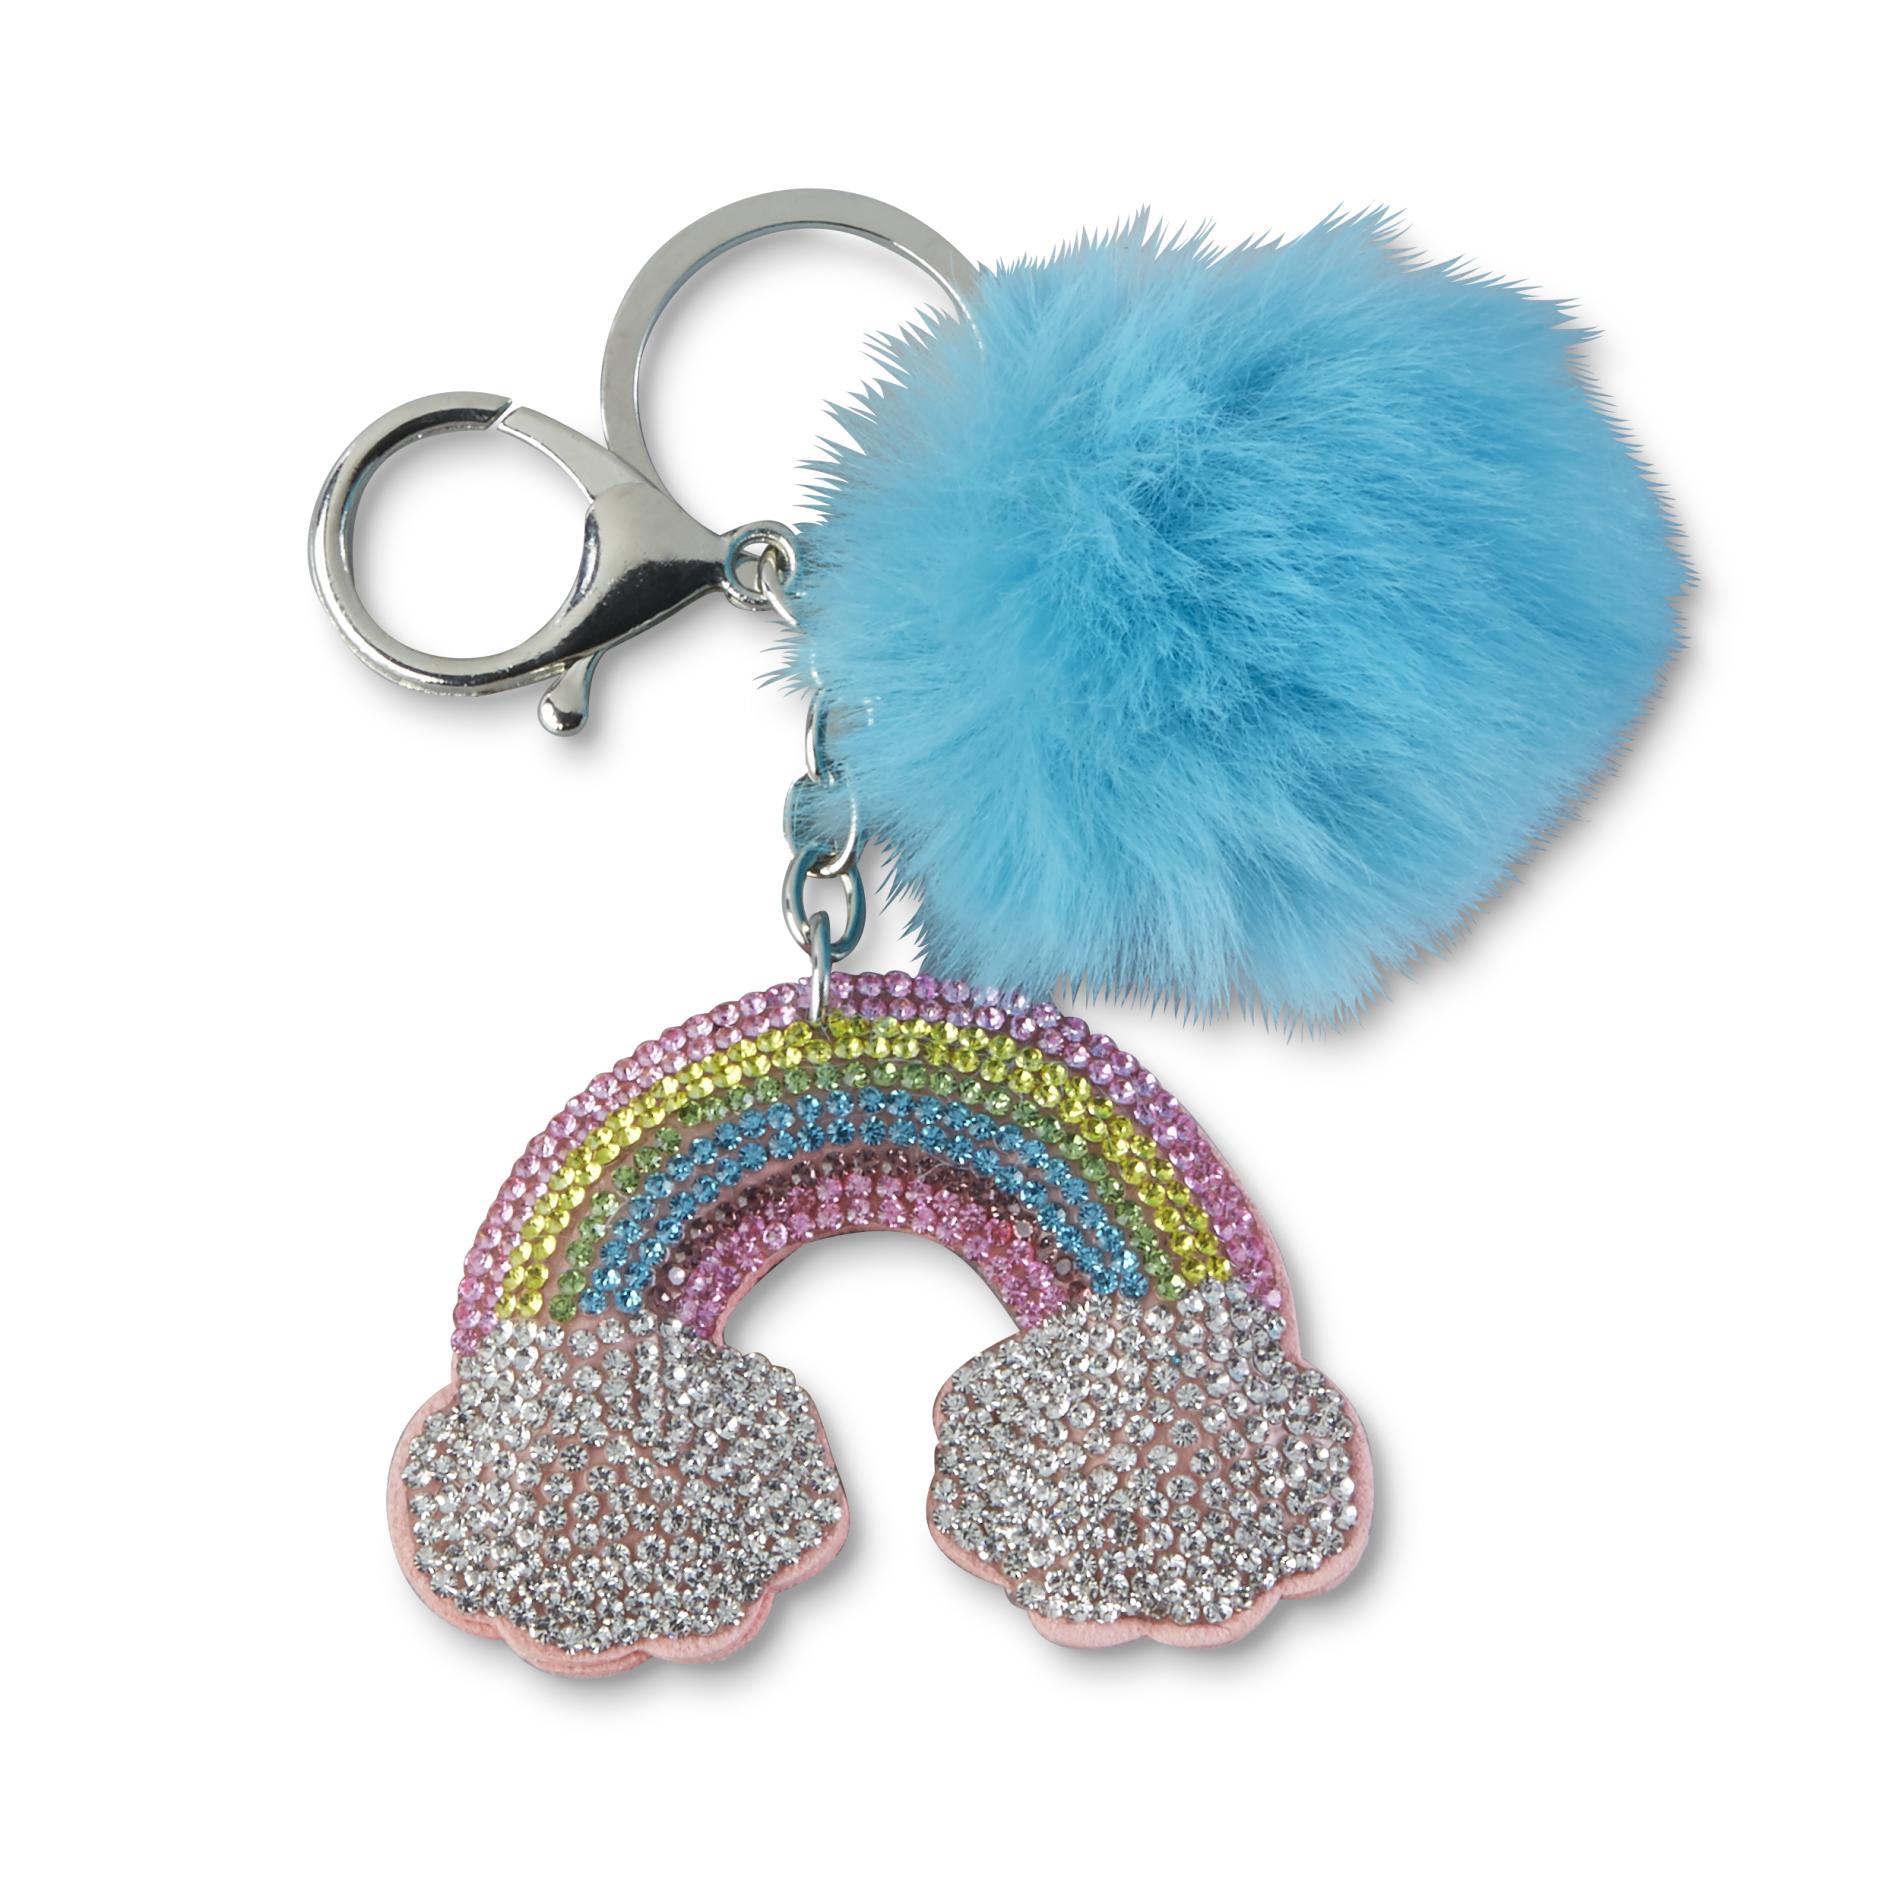 Attention Women's Key Chain - Rainbow im test